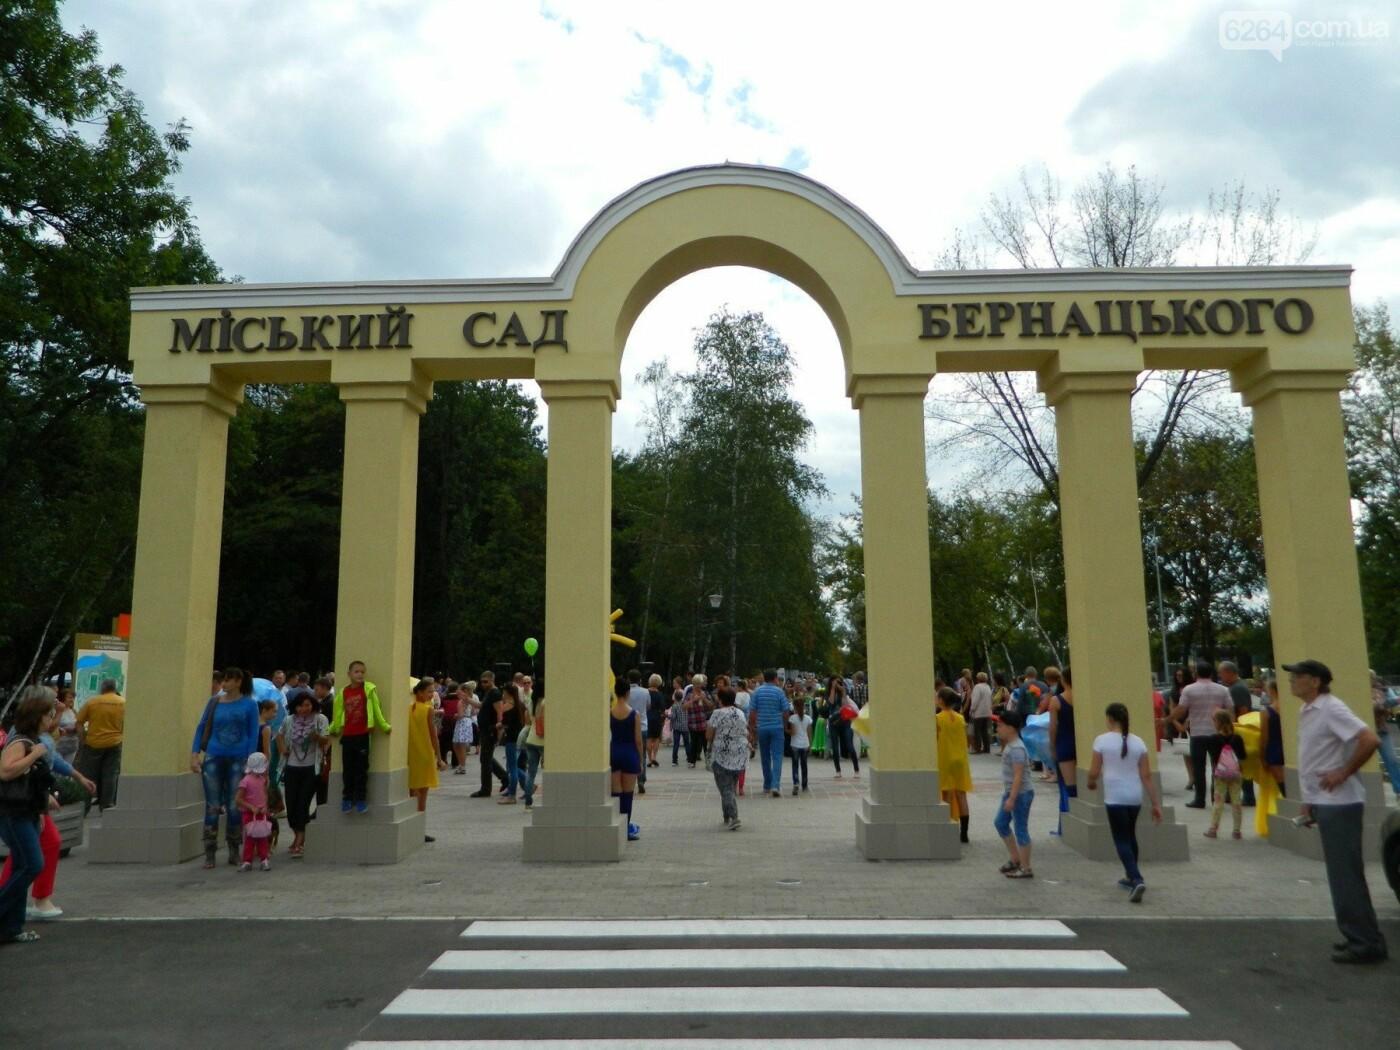 Куда поехать на выходные. Птичий двор, Сад Бернацкого и меловые горы Краматорска, фото-1